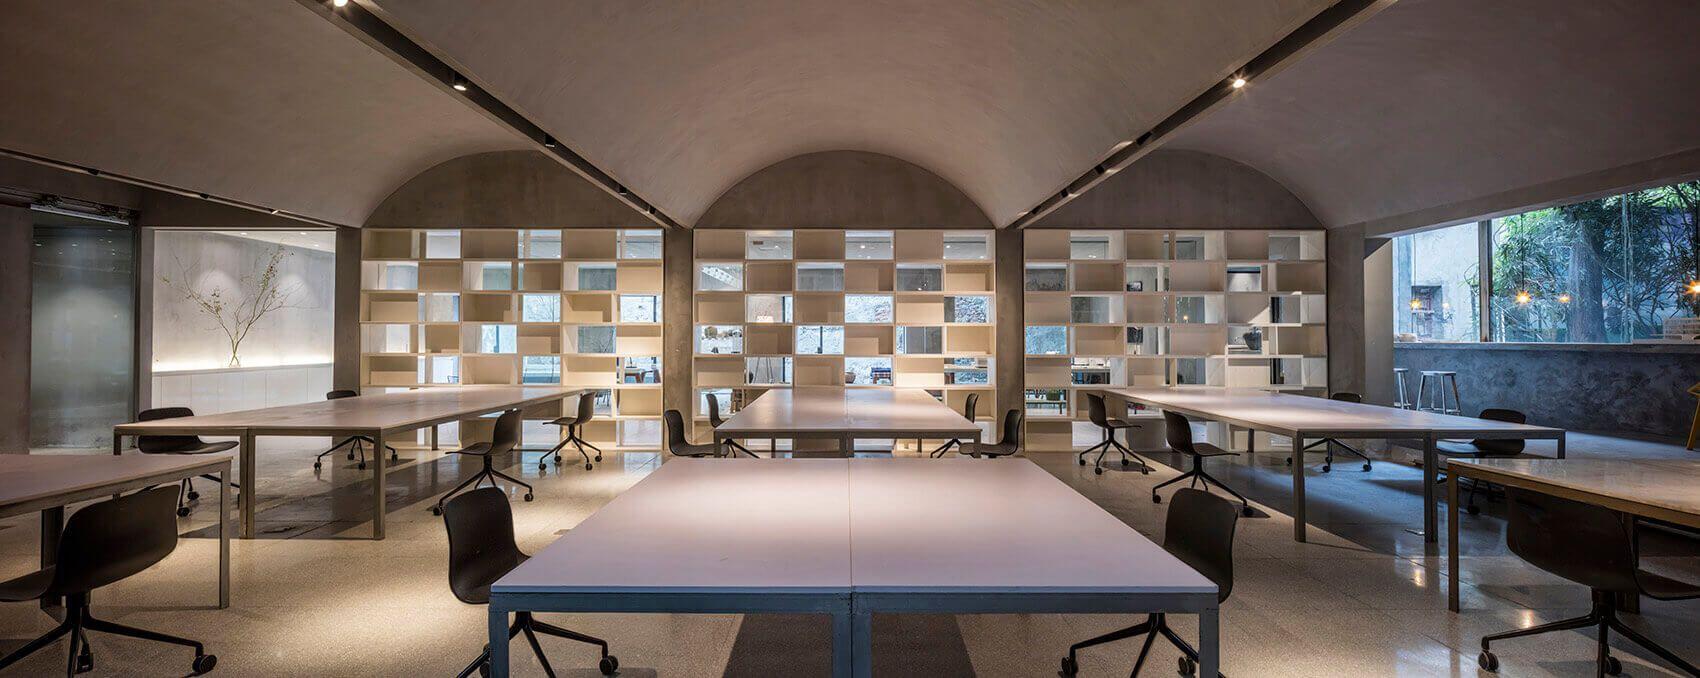 建筑改造之上海大样办公室设计|1305 STUDIO - 4